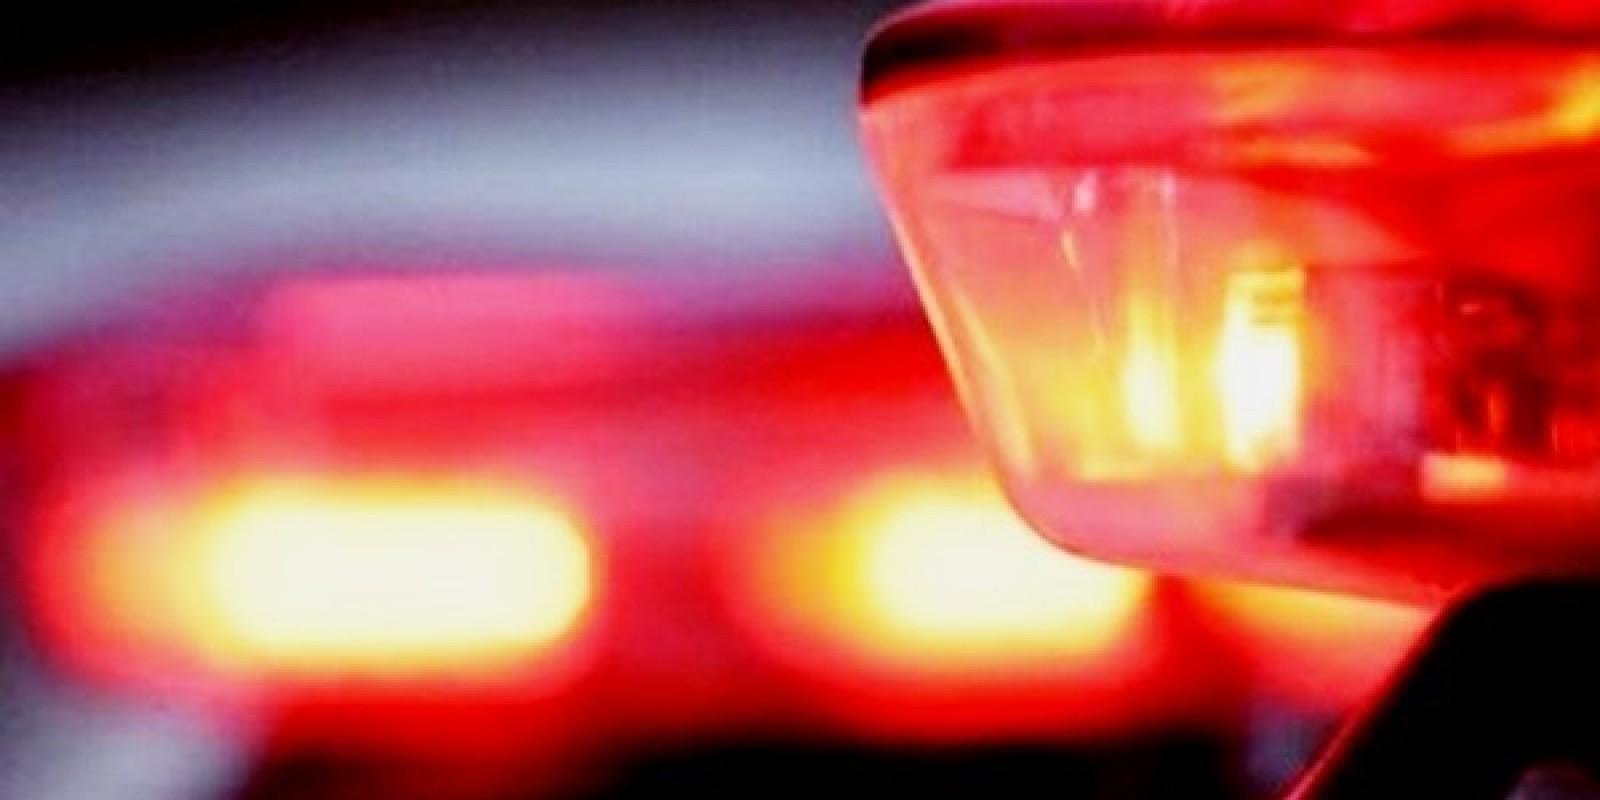 PMRv realiza fiscalização de trânsito e dois motoristas são detidos na SC-108